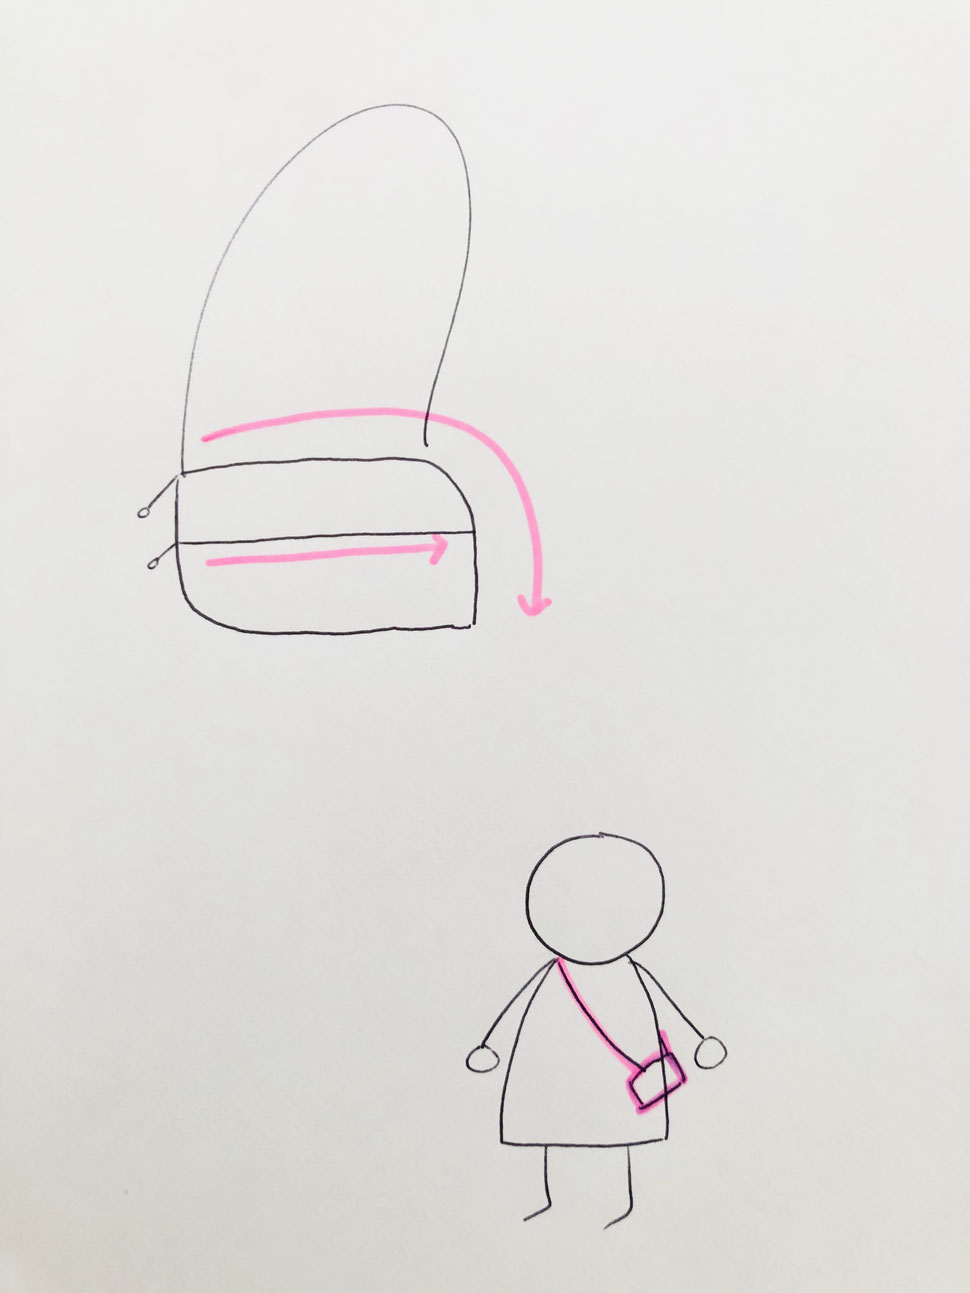 イラスト:左利き用お財布ショルダーを作る際にファスナーが開く方向やどちらの肩に掛けるかを確認